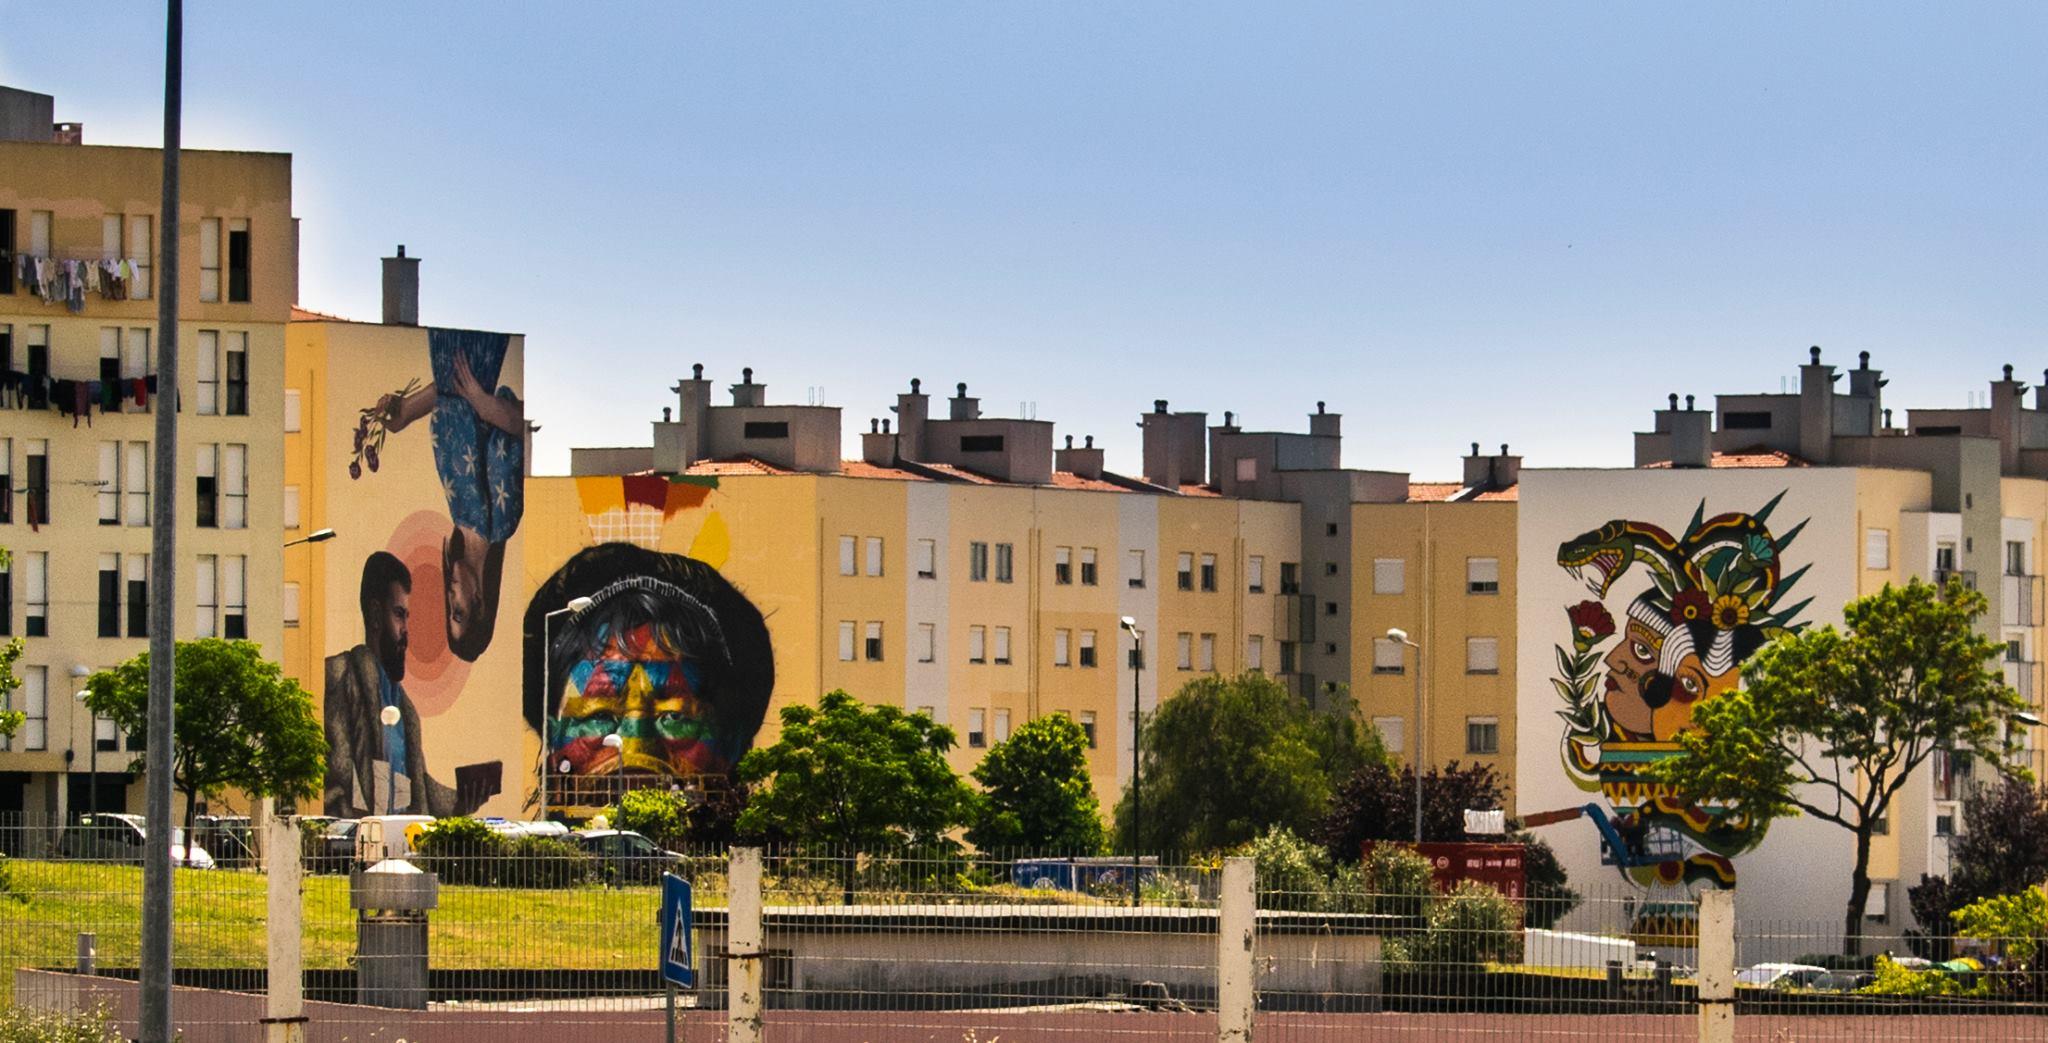 muro festival arte urbana marvila lisboa 2017 (9)